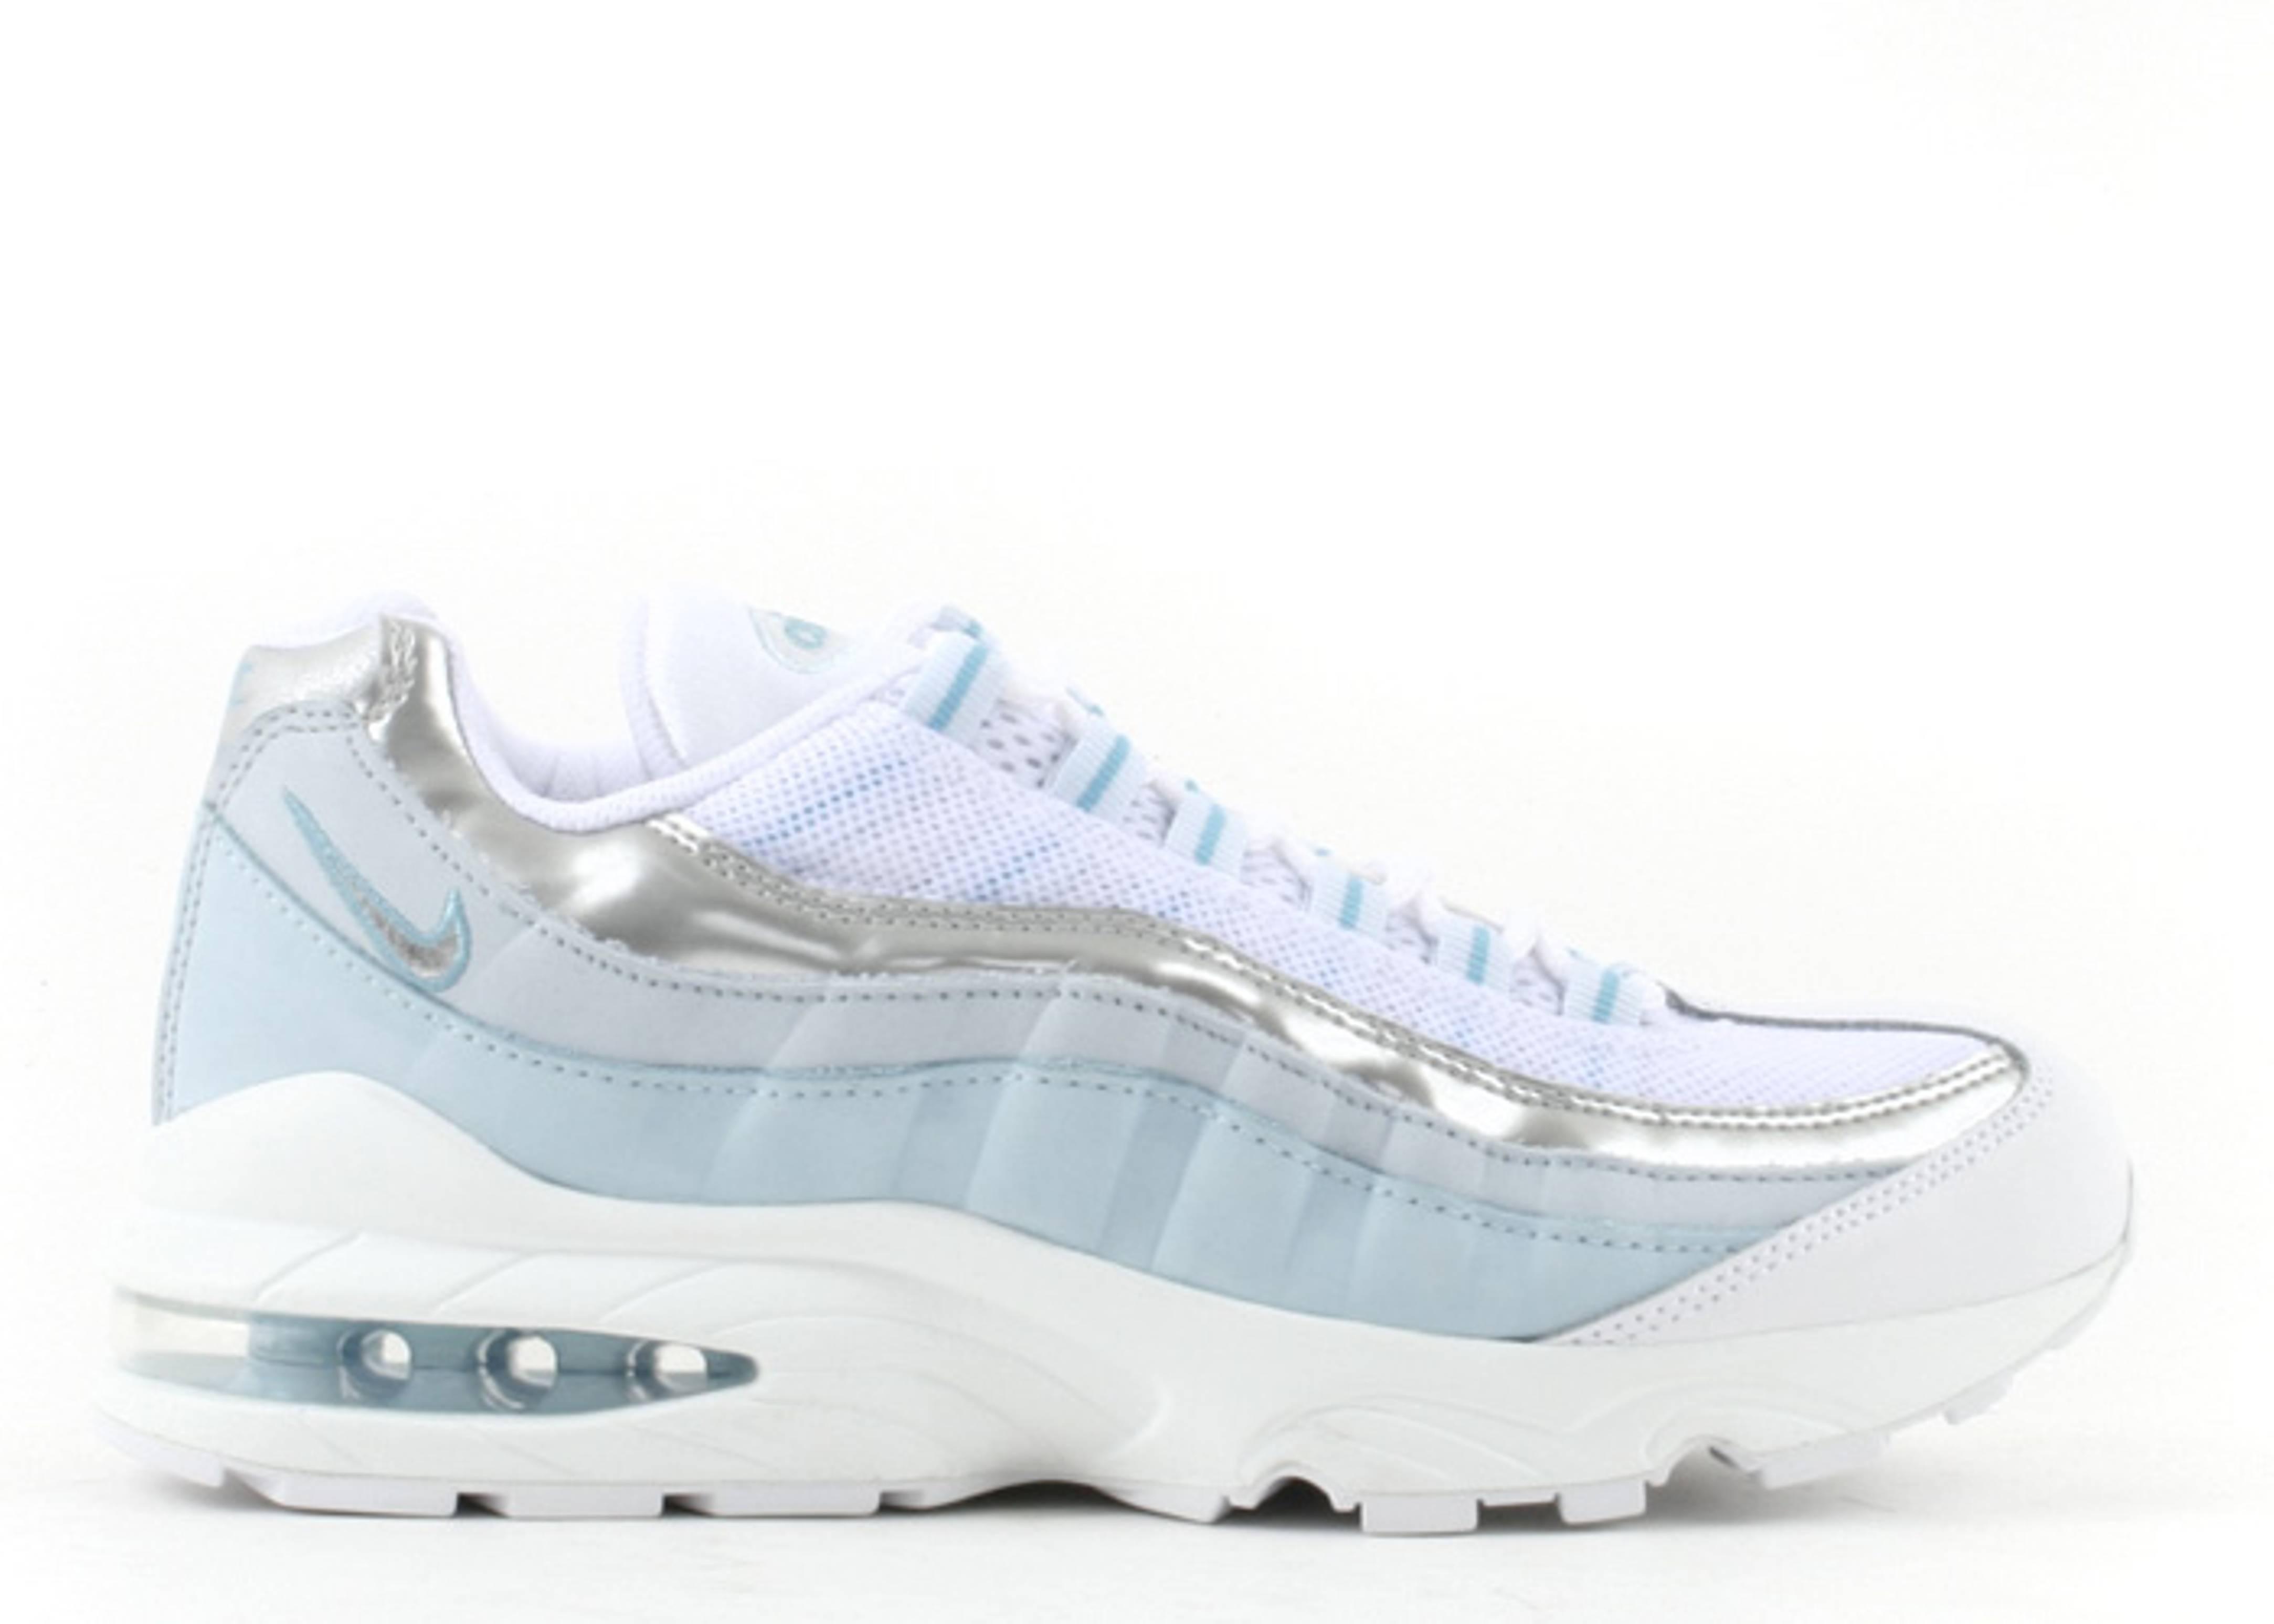 700a918299 Air Max 95 Le (gs) - Nike - 310830 101 - white/metallic silver-flash-sky  blue   Flight Club